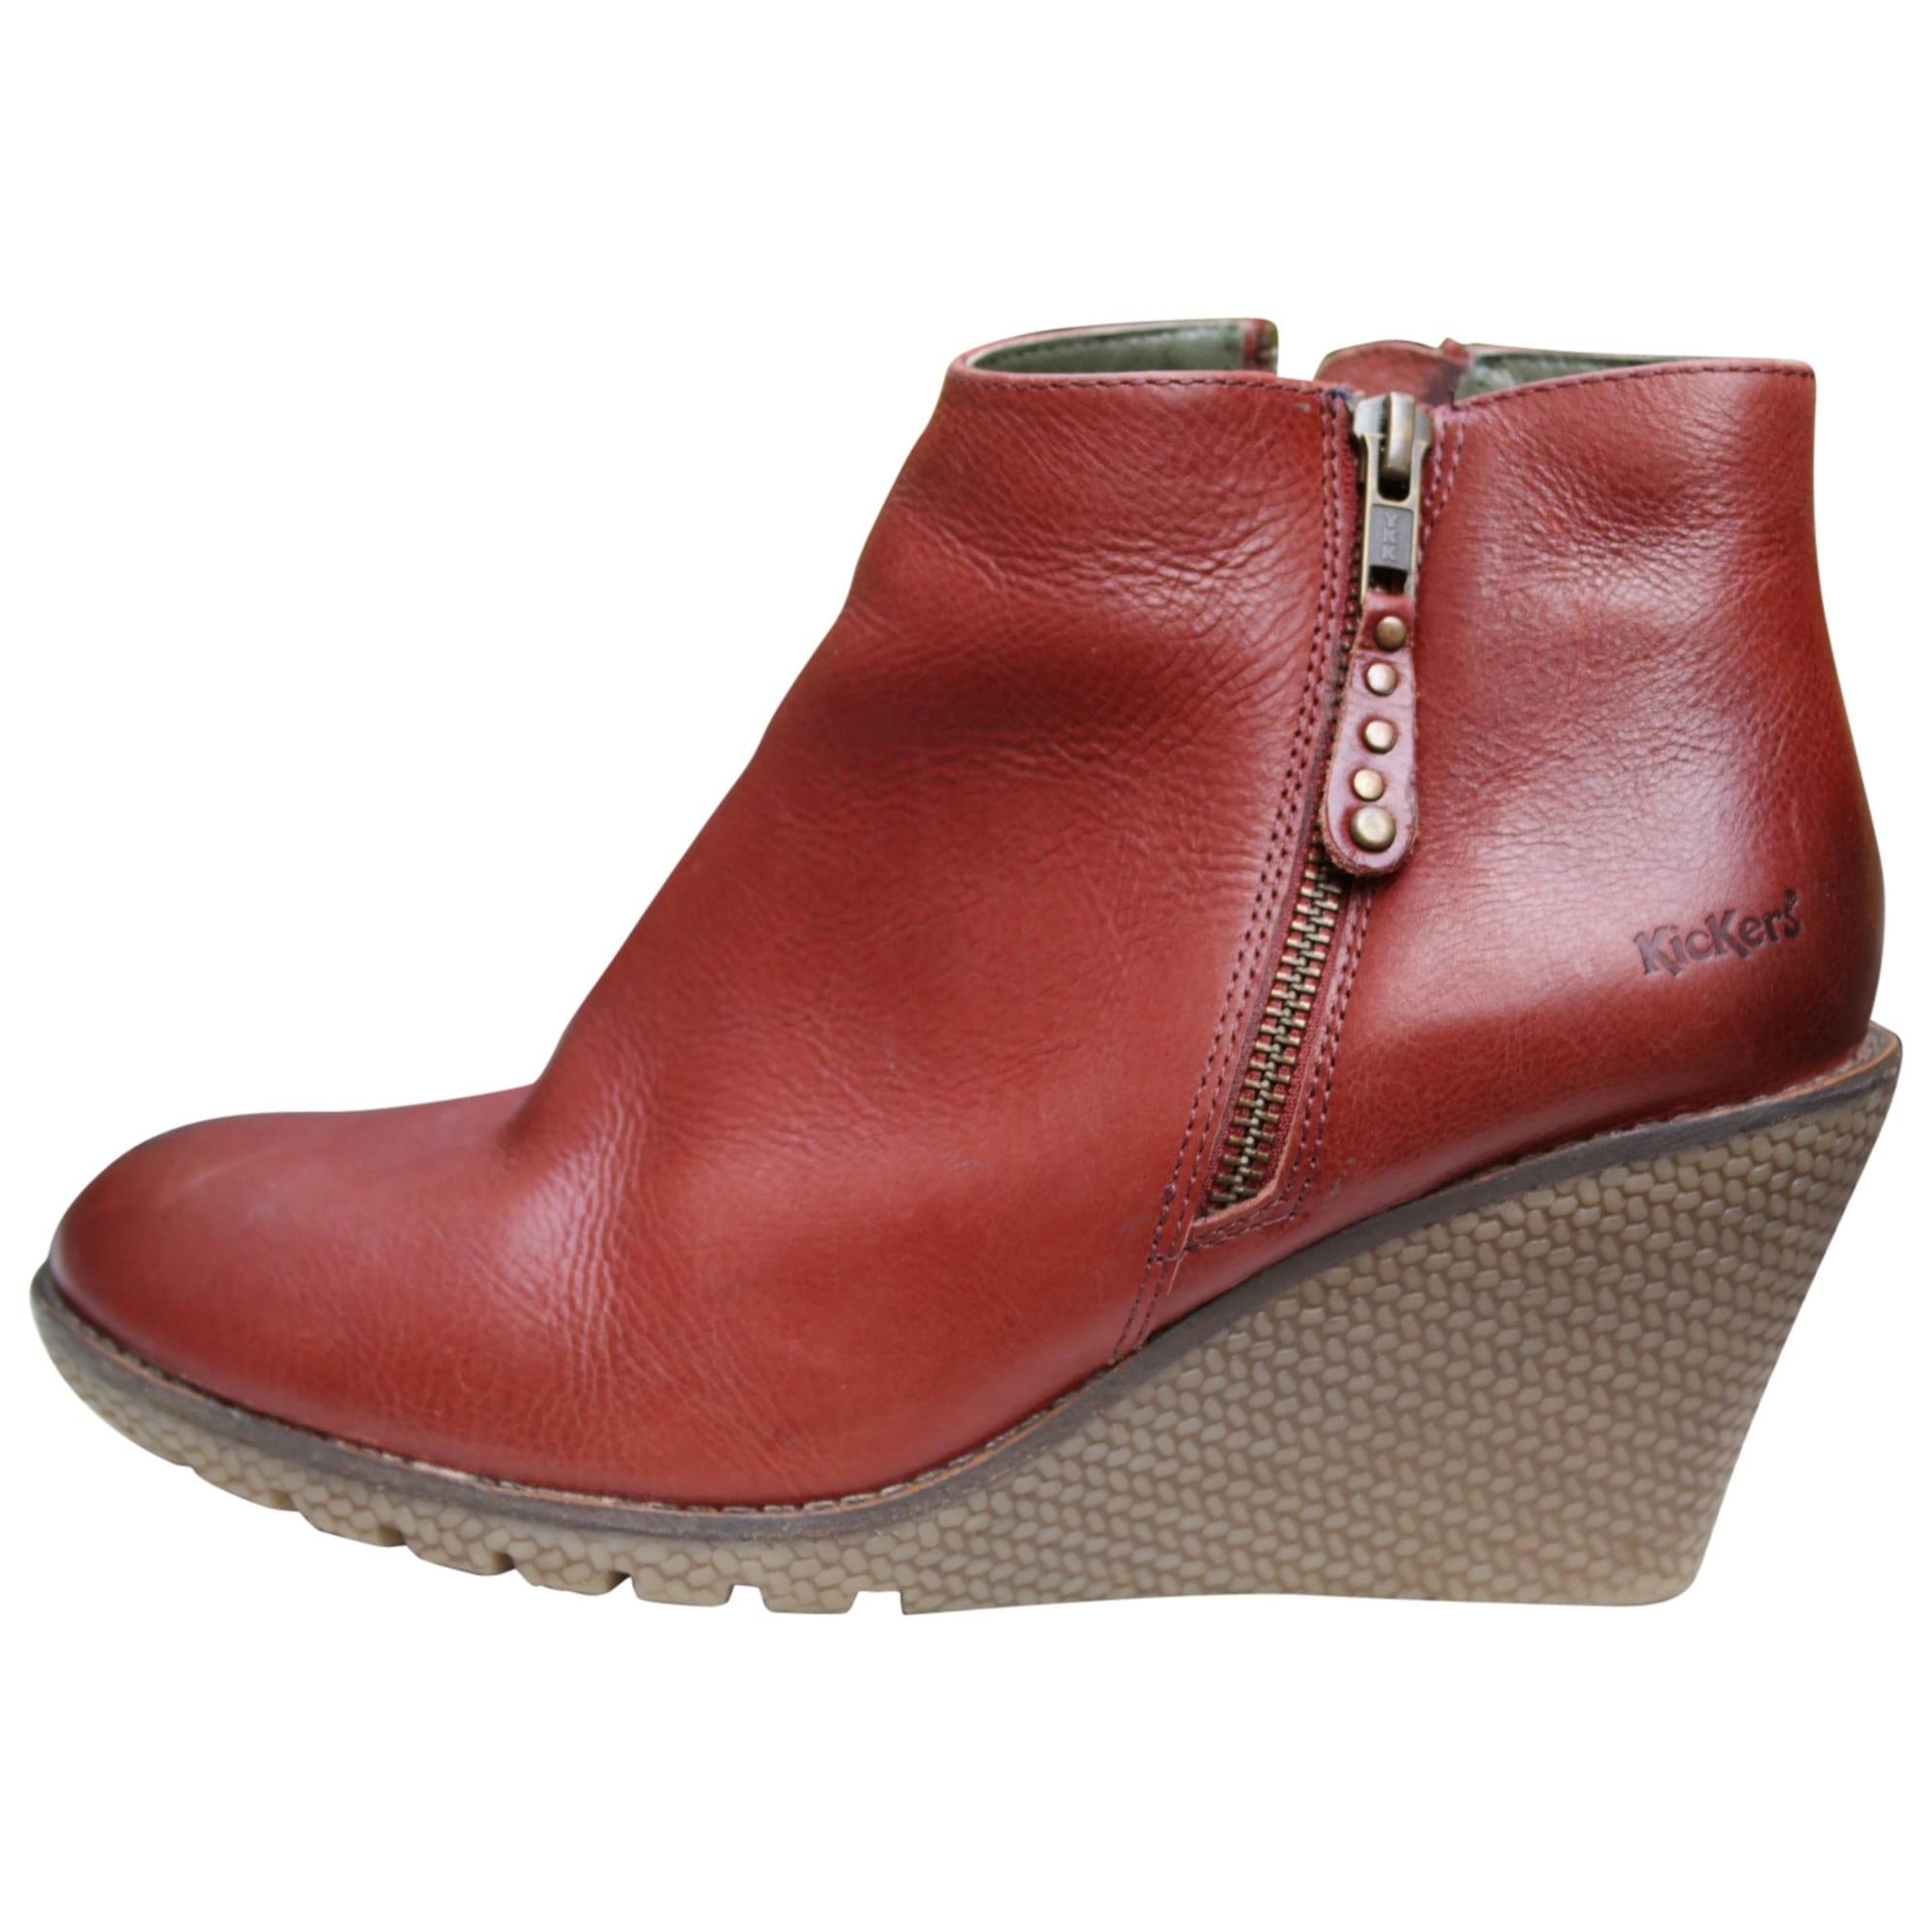 à compensés boots Bottineslow à Bottineslow boots boots Bottineslow compensés compensés Bottineslow à uTlF3KJc1